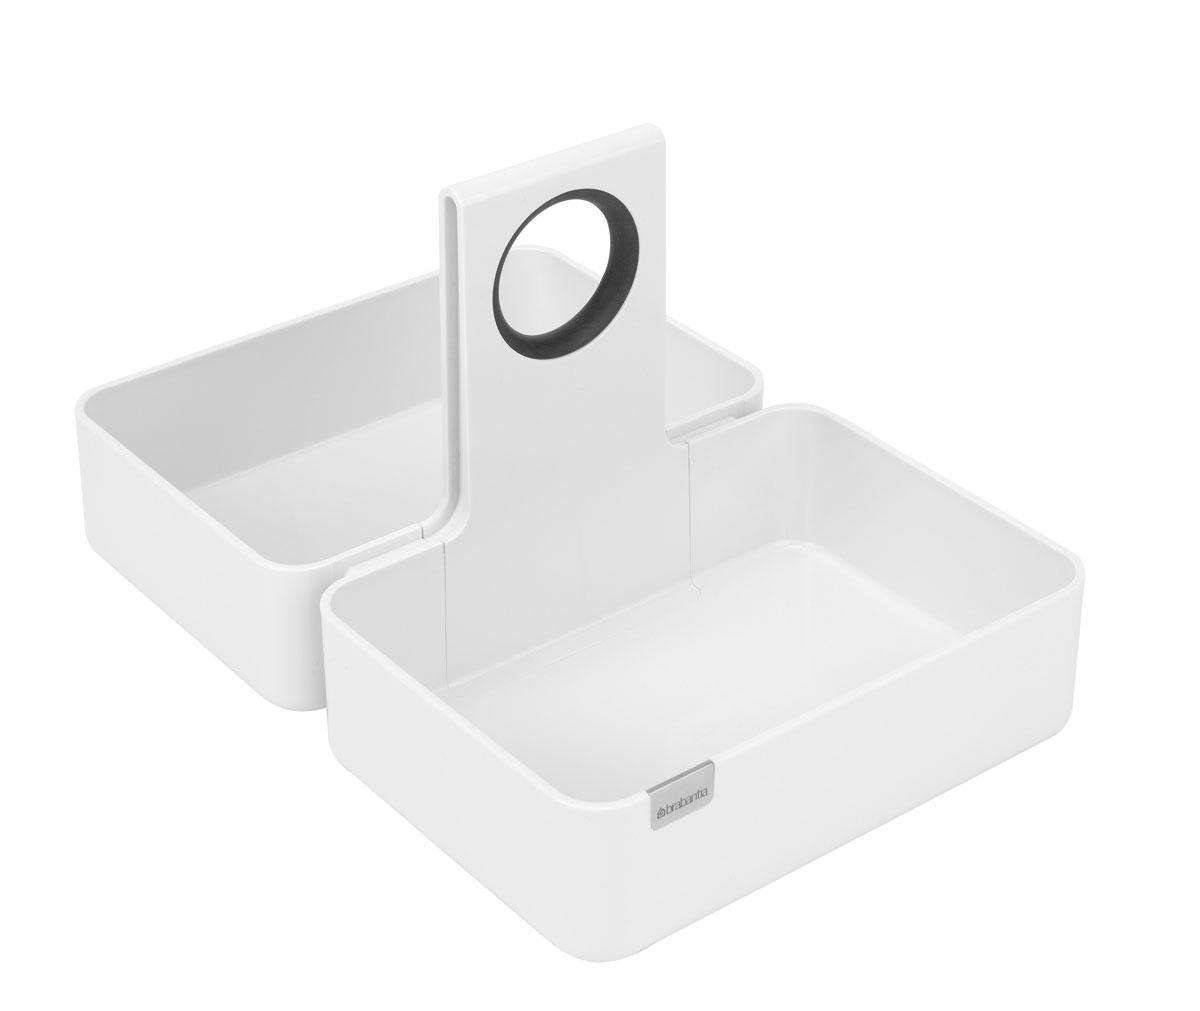 Кухонная подставка-органайзер Brabantia, цвет: белый. Размер M423505Модульная конструкция, эффективное использование пространства. Подходит для размещения корзинки для хлеба (размер M). Изделие имеет модульную конструкцию, обеспечивающую экономию места. Подходит для всех распространенных размеров кухонных ящиков и шкафов; Эргономичное изделие с удобной ручкой; Отличное решение для упорядоченного хранения различных предметов; Идеальное решение для хранения продуктов в фабричной упаковке (рис, макаронные изделия и т.п.); Стильный дизайн – можно использовать на обеденном или рабочем столе; Противоскользящие накладки на дне предотвращают перемещение подставки в ящике или шкафу; Прочное долговечное изделие из высококачественных материалов; Легко чистится благодаря сглаженным формам и коррозионностойким свойствам; Подходит для размещения корзинки для хлеба (размер M); 10 лет гарантии Brabantia. Характеристики: Материал: сталь. Размер: 360*245*175мм. Артикул: 423505.